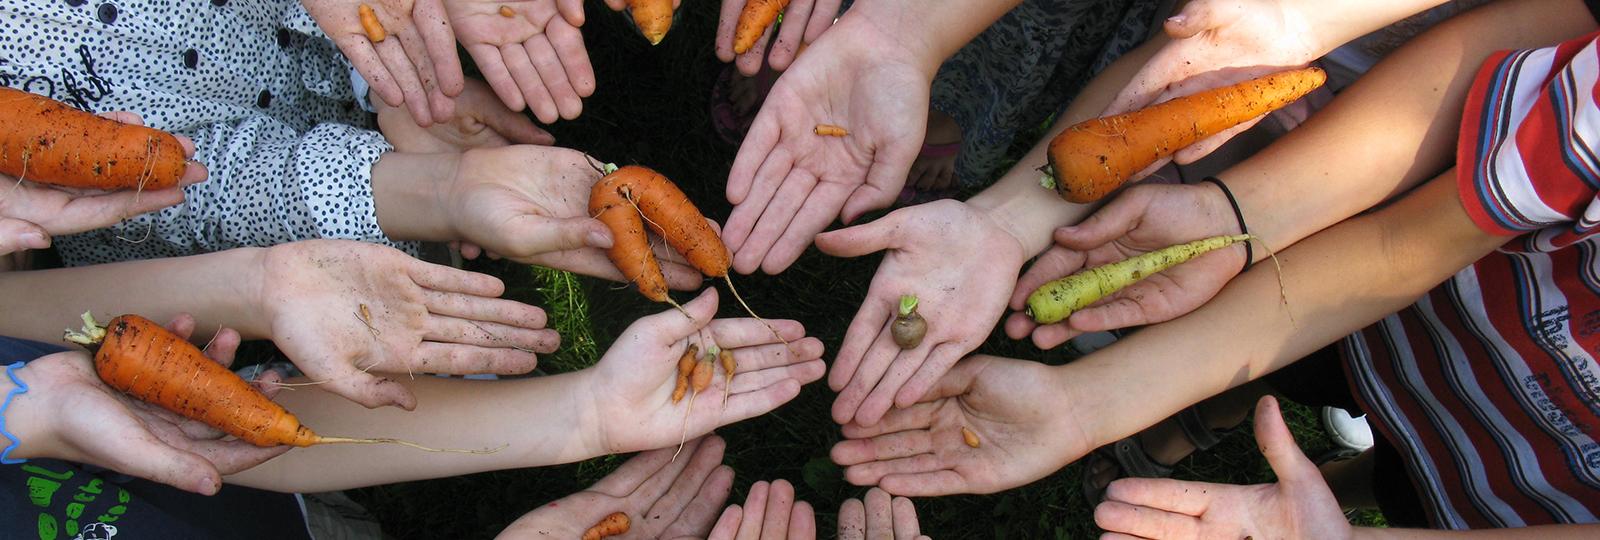 Möhren auf Handinnenflächen von Kindern